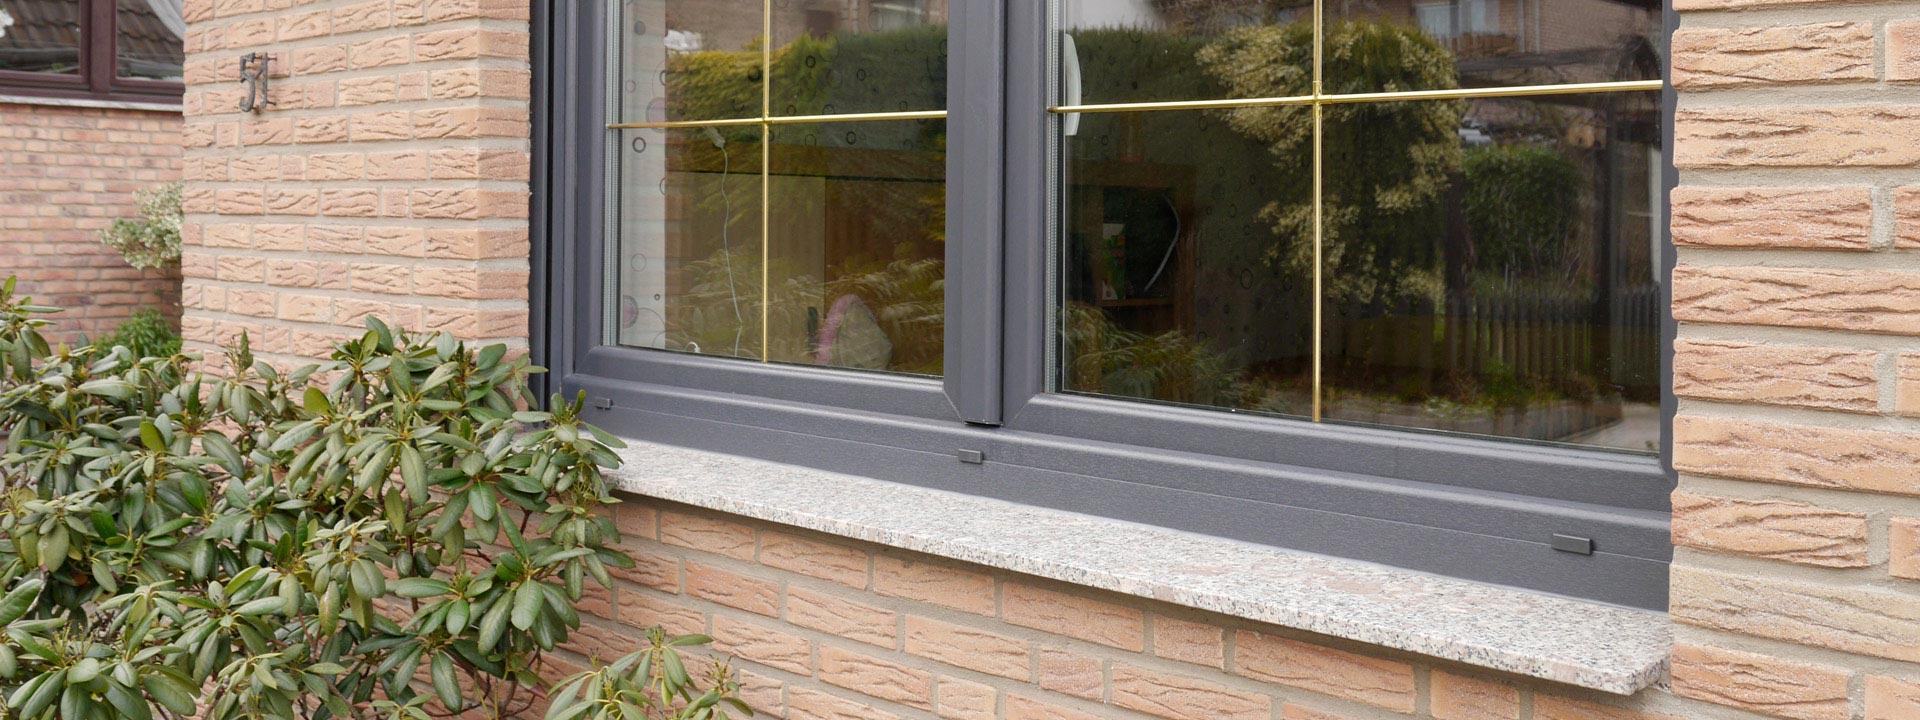 Full Size of Drutex Erfahrungen Forum Drutefenster Anpressdruck Einstellen Polen Einbauen Fenster Test Wohnzimmer Drutex Erfahrungen Forum